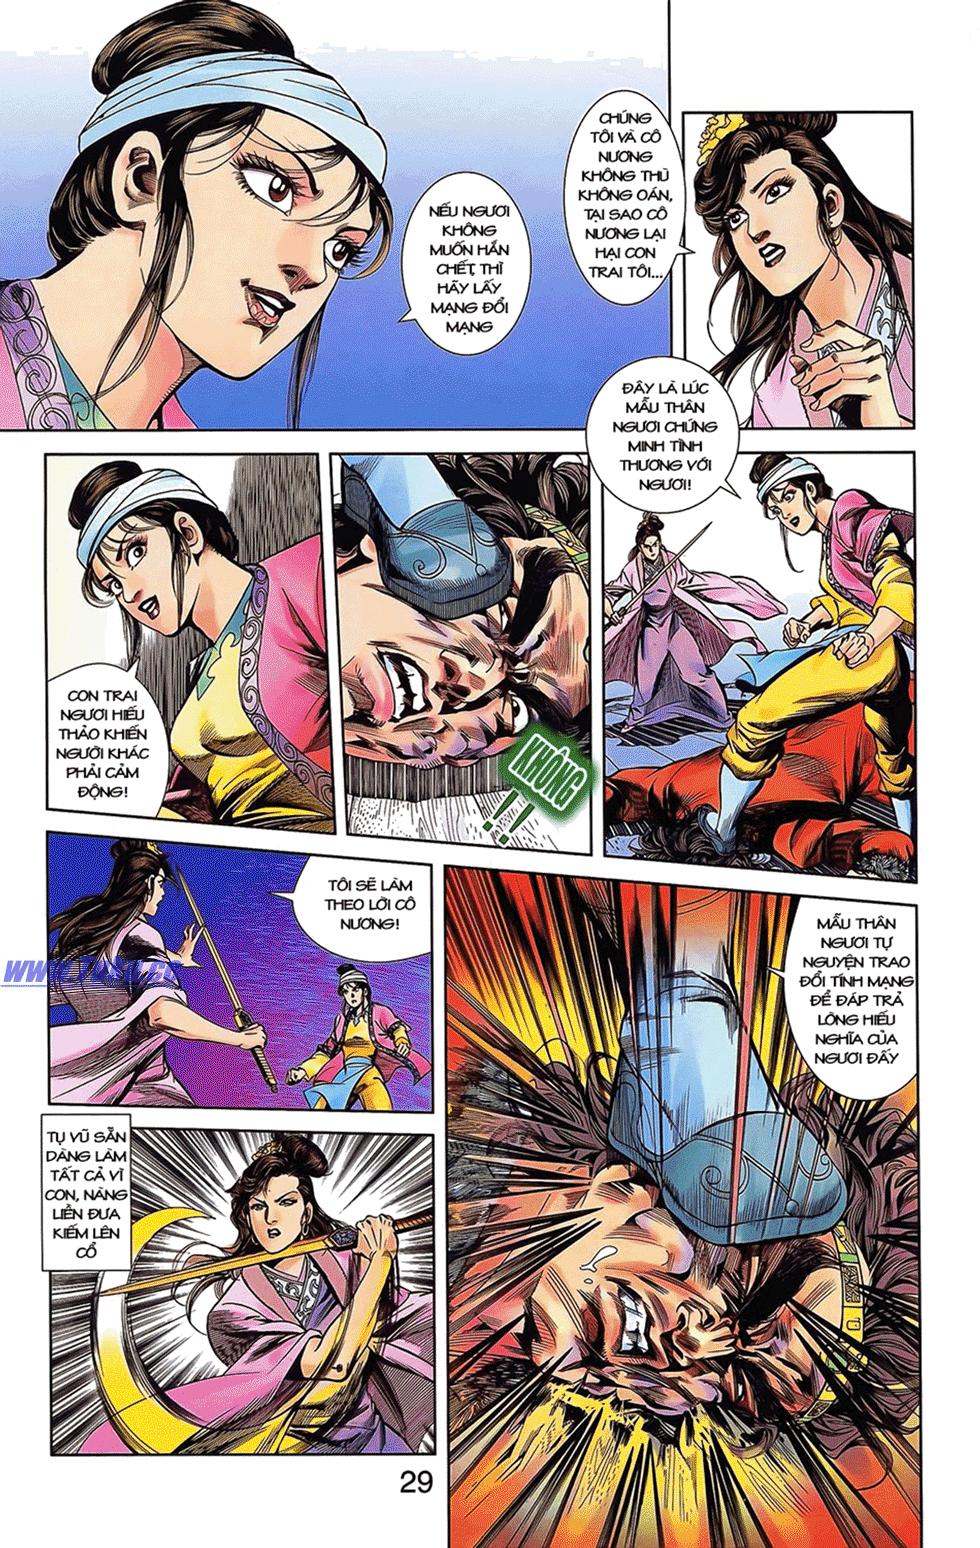 Tần Vương Doanh Chính chapter 12 trang 19